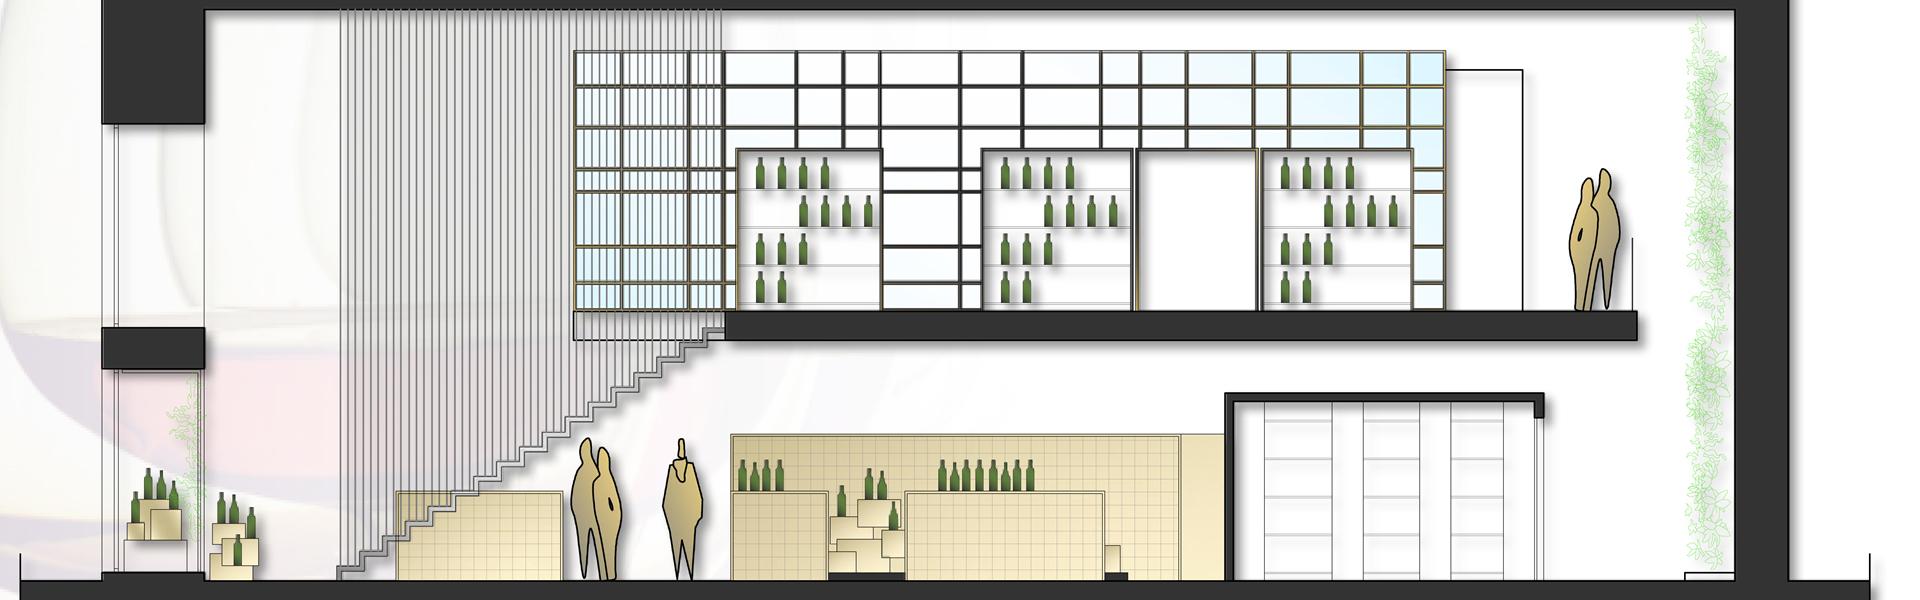 Interior architecture project